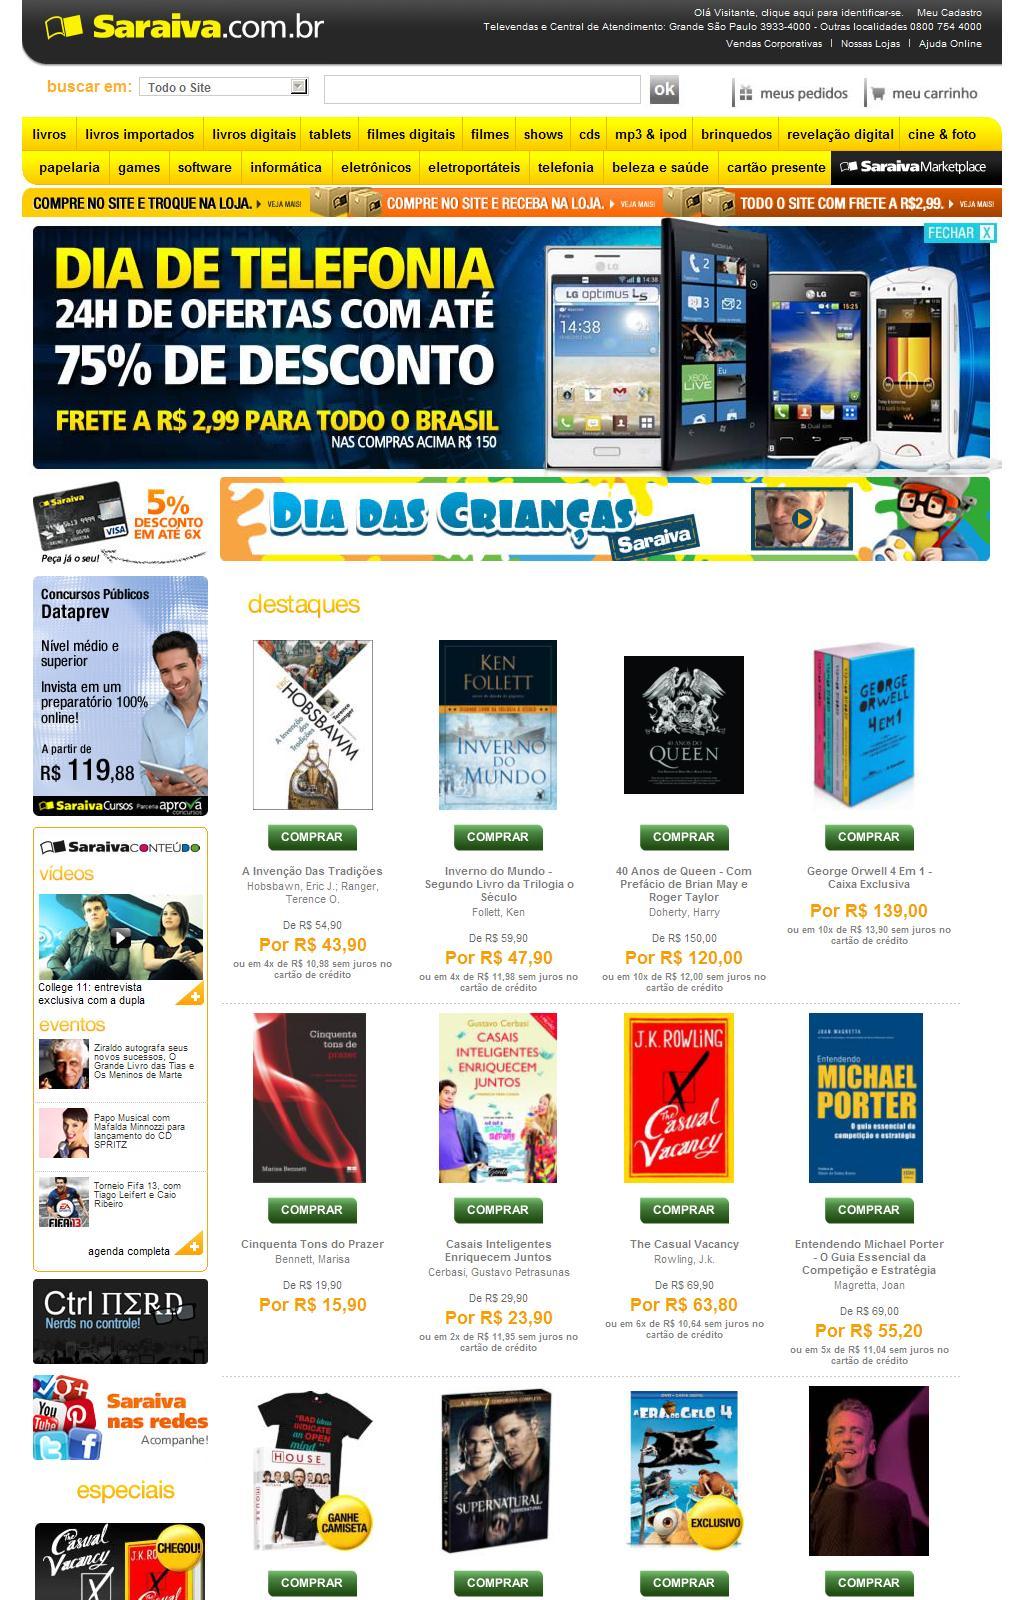 Saraiva.com.br: Livros, Tablets, Blu-Ray, Eletrônicos, Notebooks, Smartphones e mais.